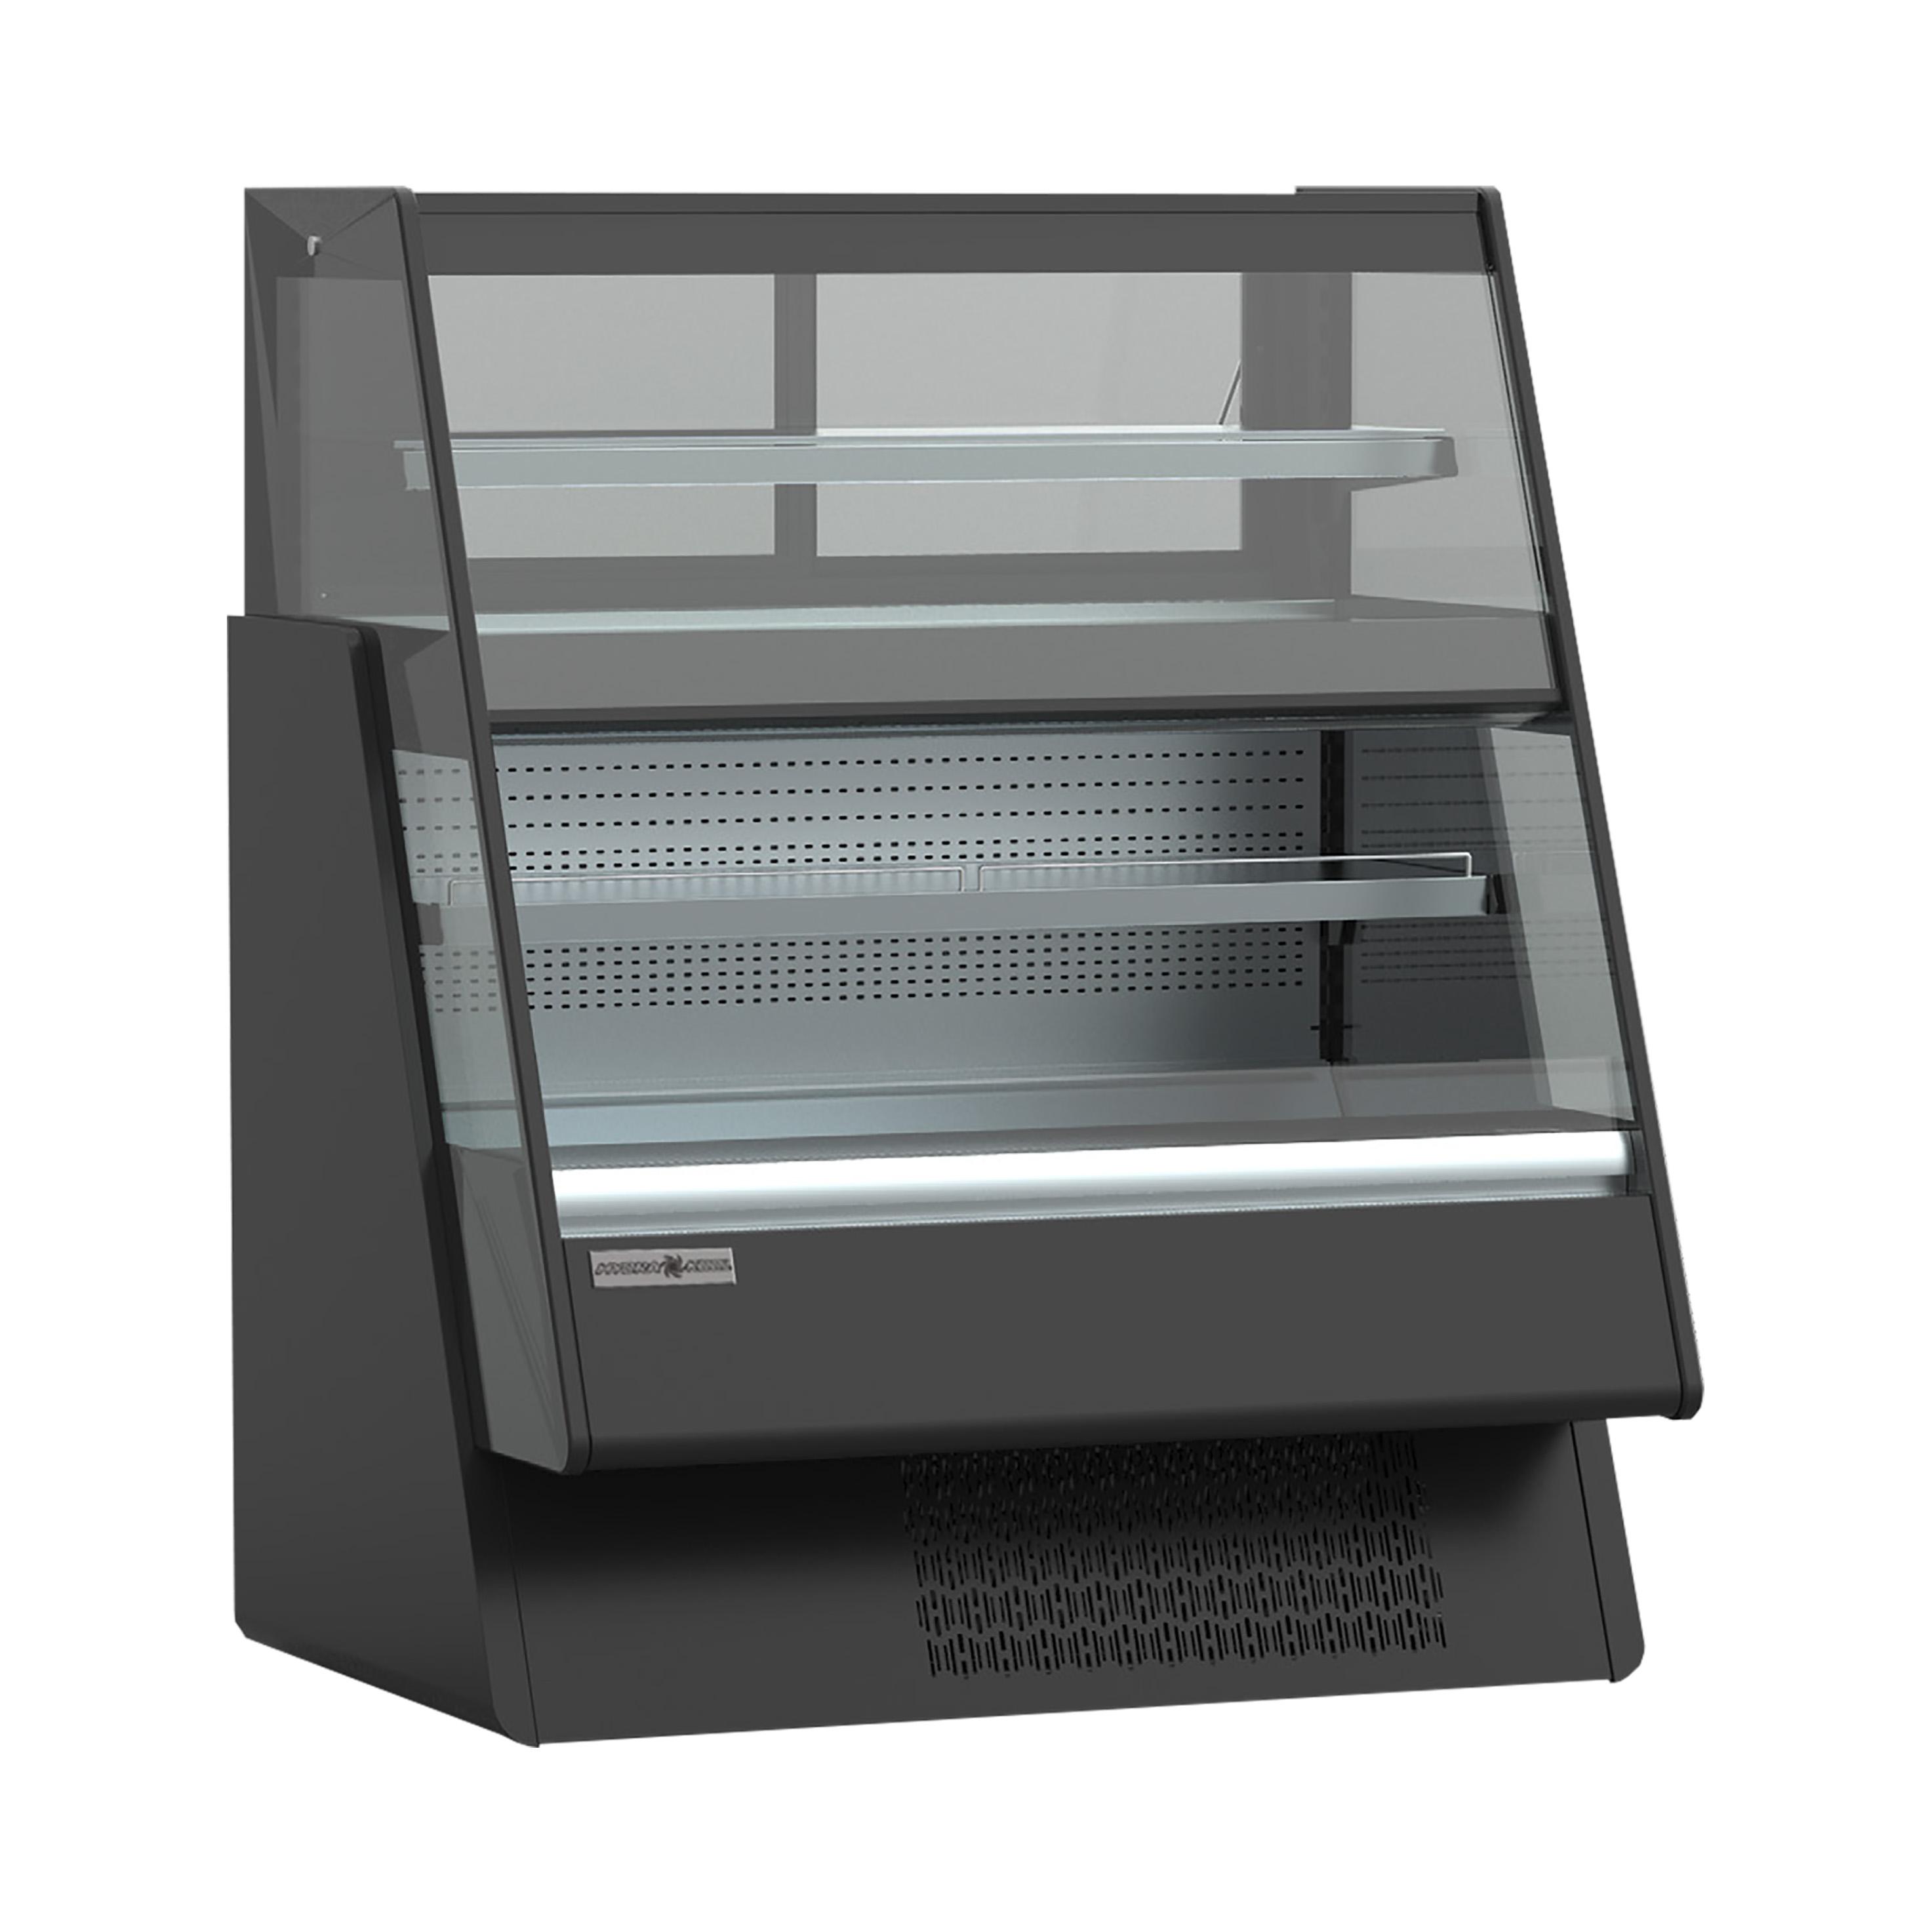 MVP Group LLC KGL-OU-36-S merchandiser, open refrigerated display